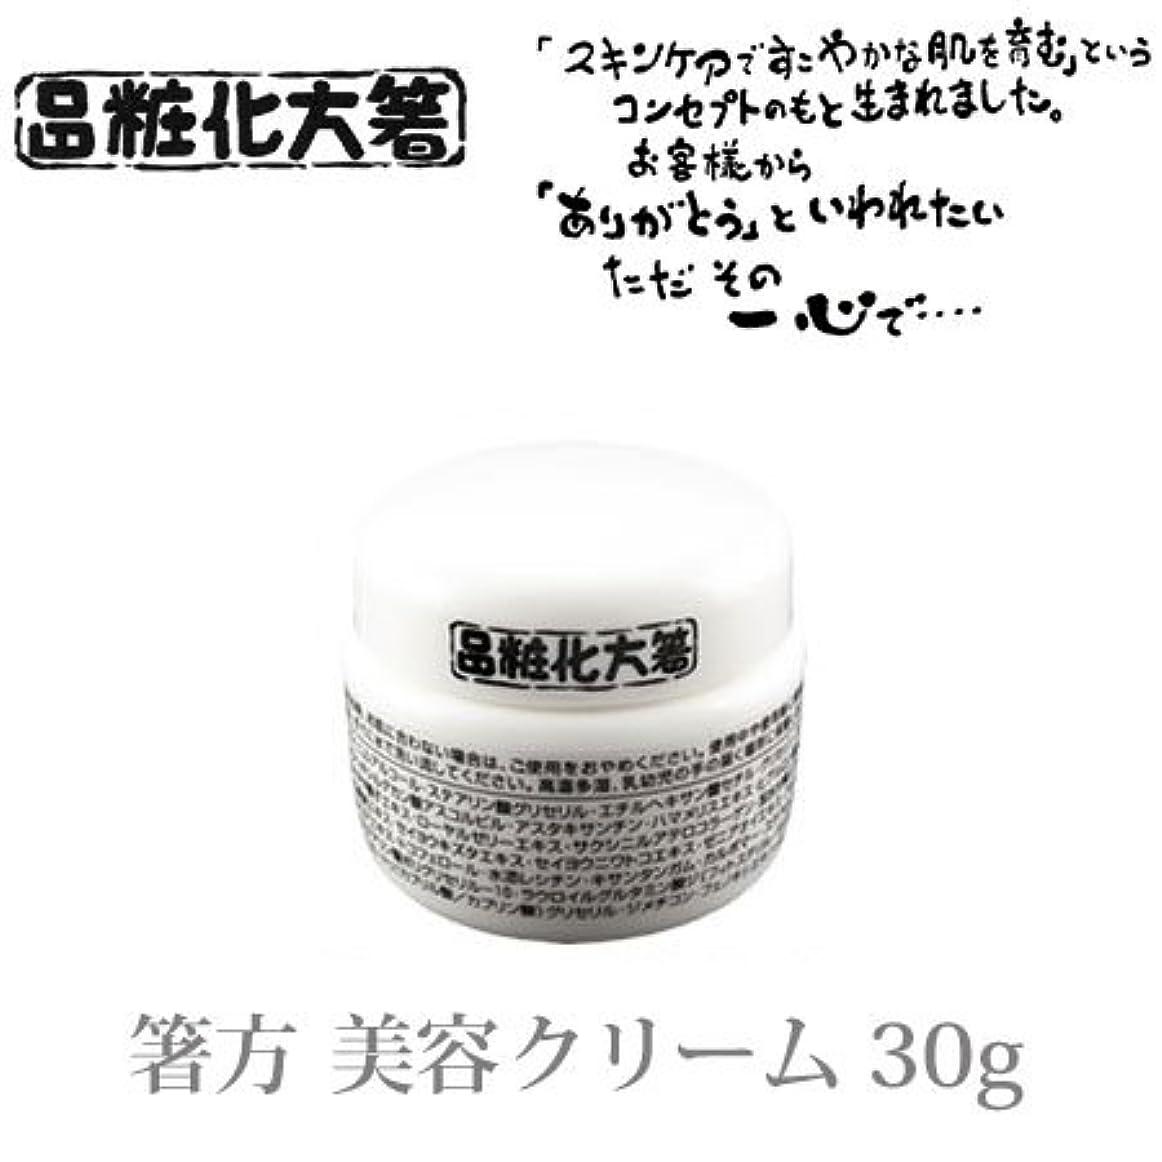 ボーダー放送限られた[箸方化粧品] 美容クリーム 30g はしかた化粧品